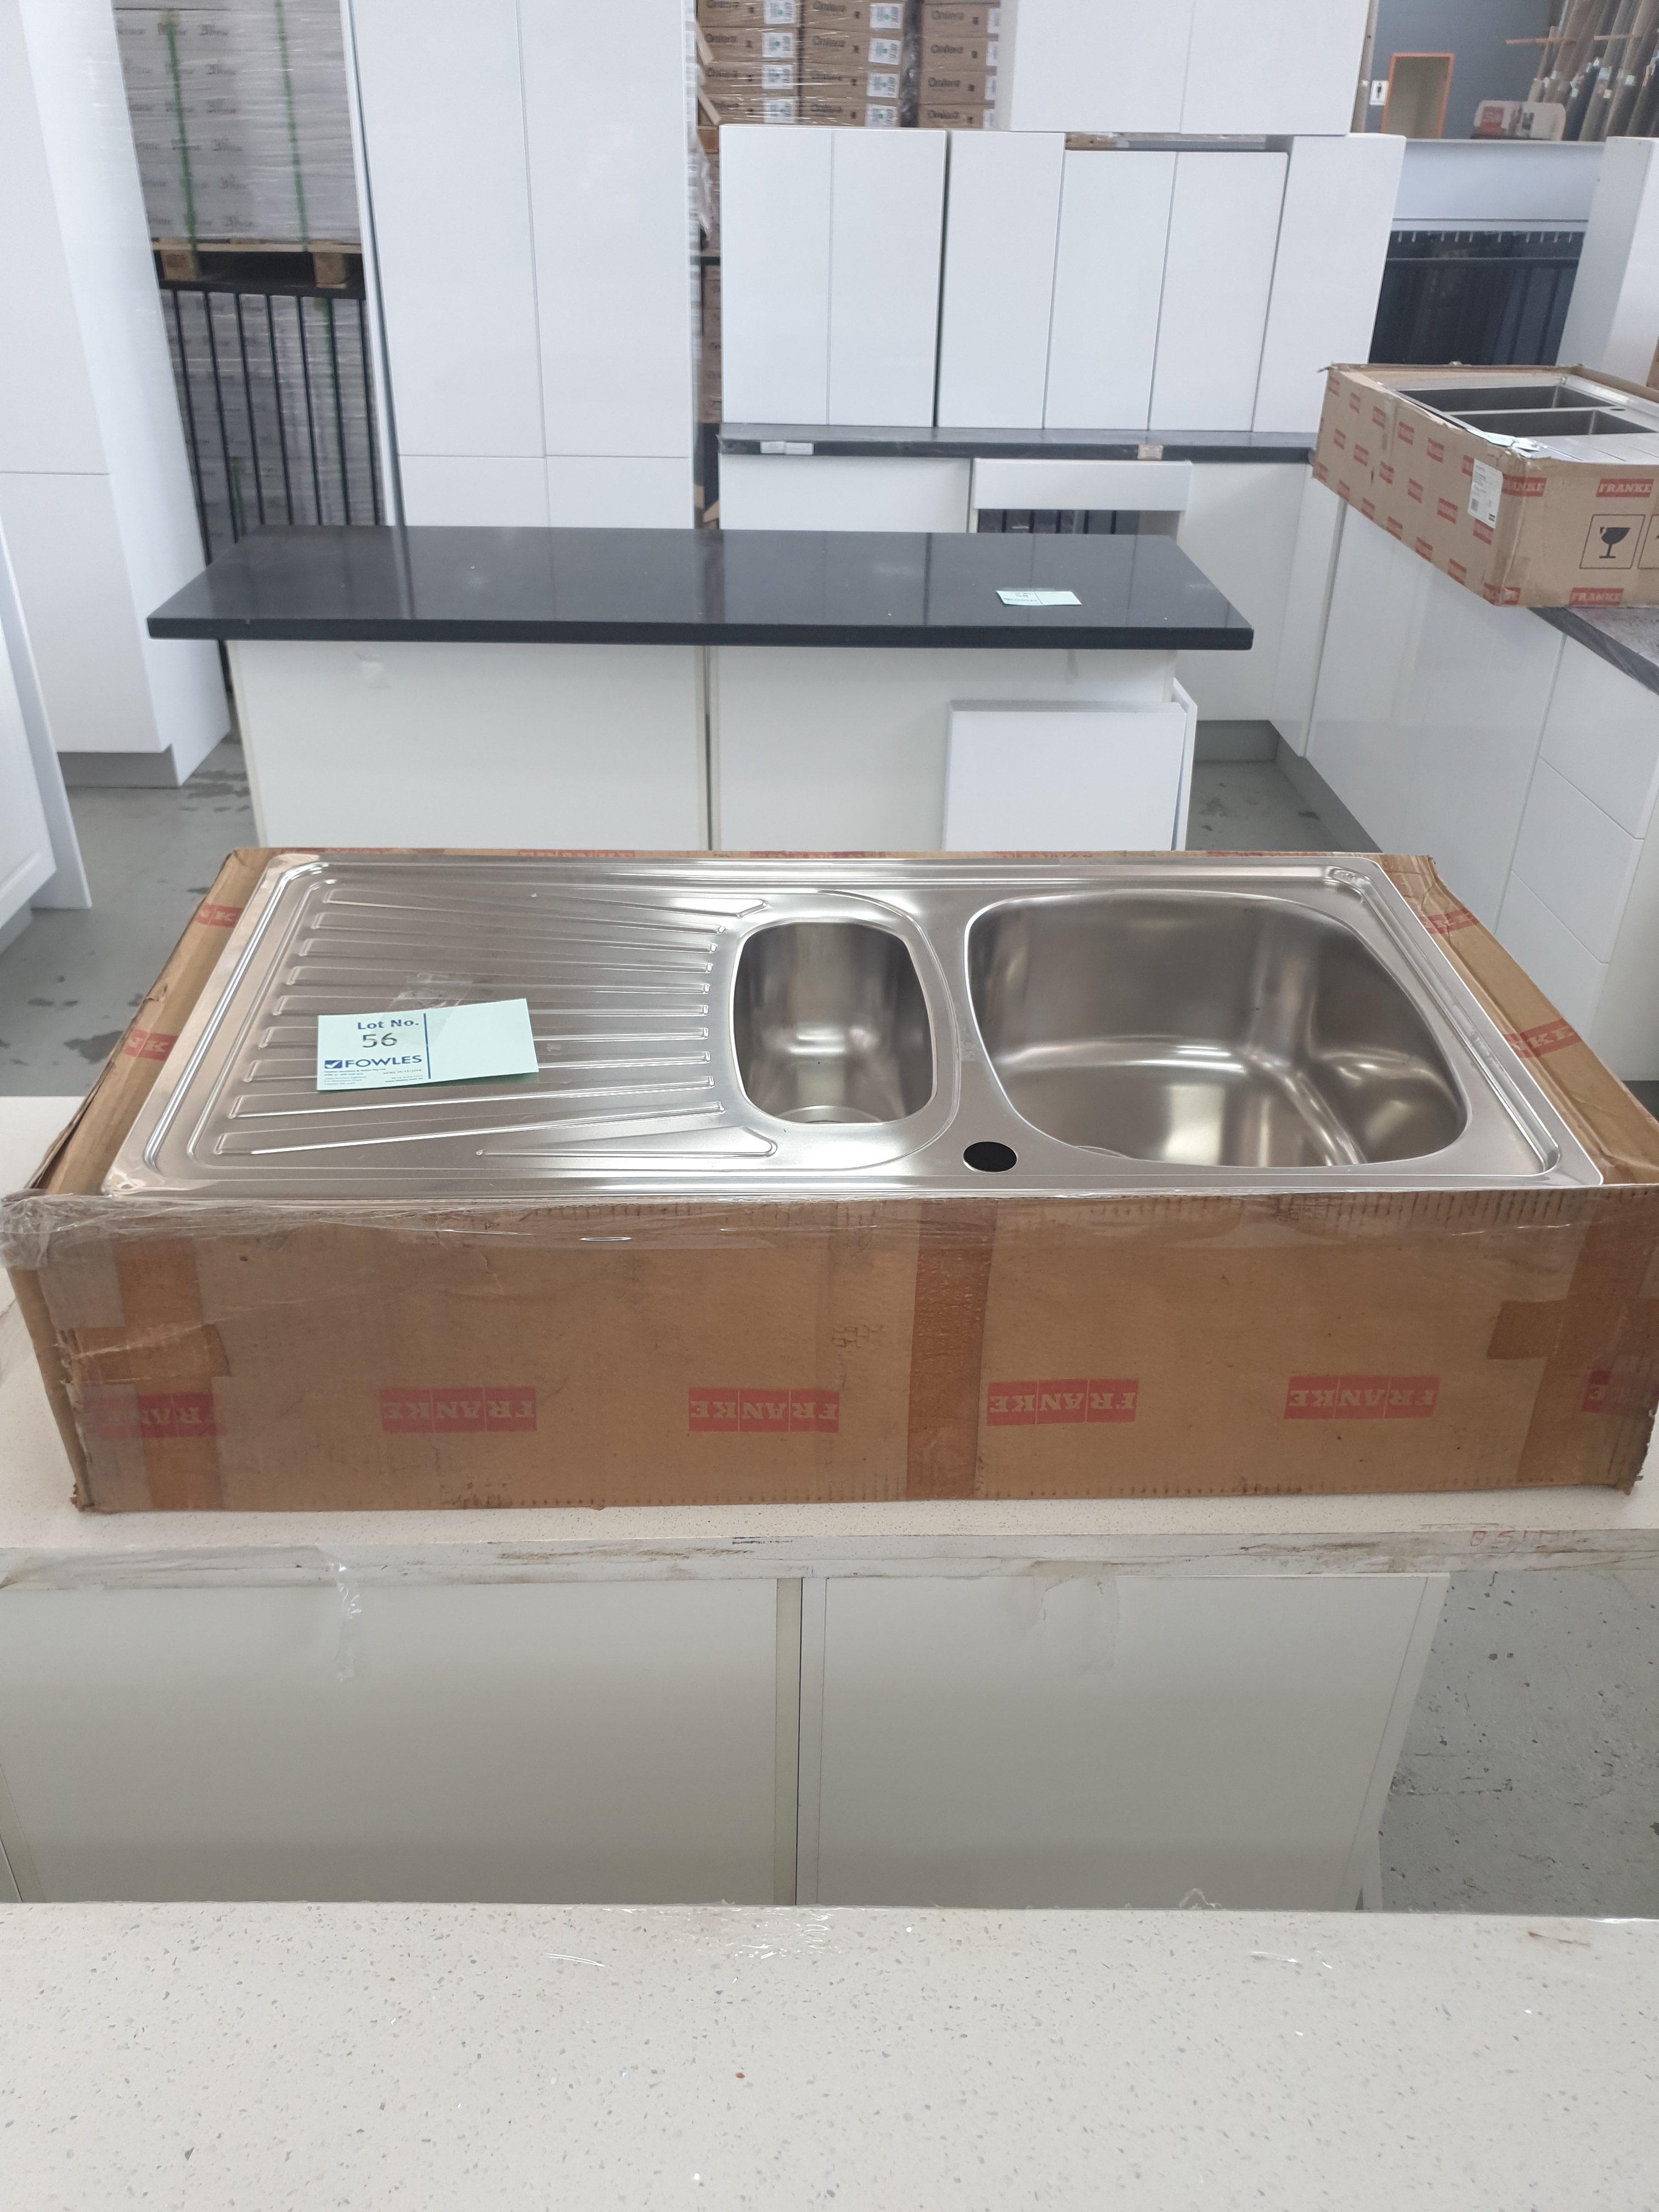 franke stainless steel kitchen sink 1